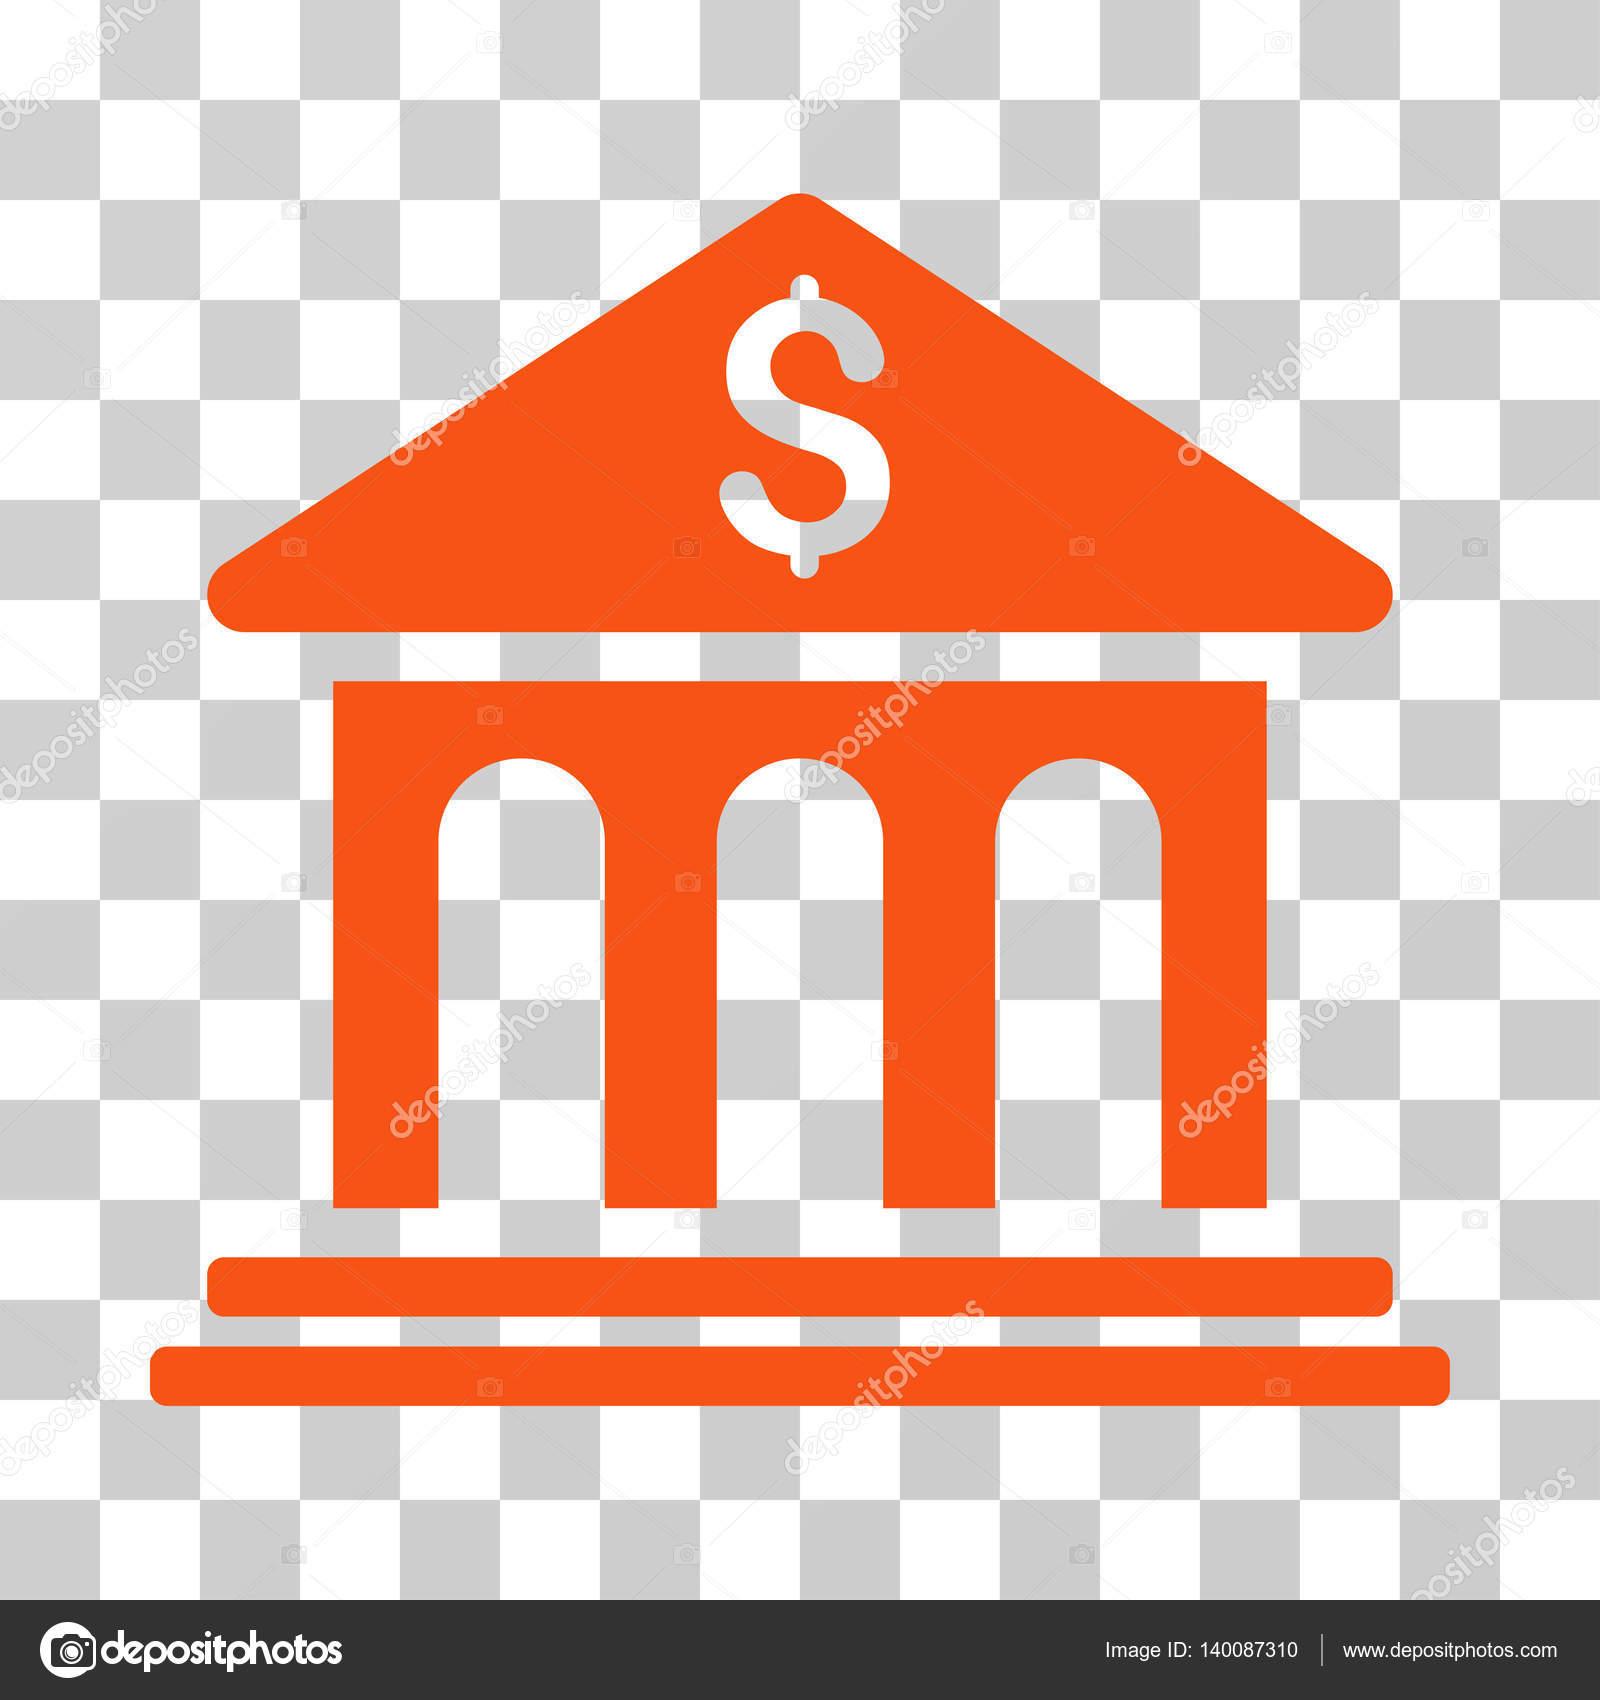 Banque Vectorielle bâtiment icône vecteur banque — image vectorielle ahasoft © #140087310